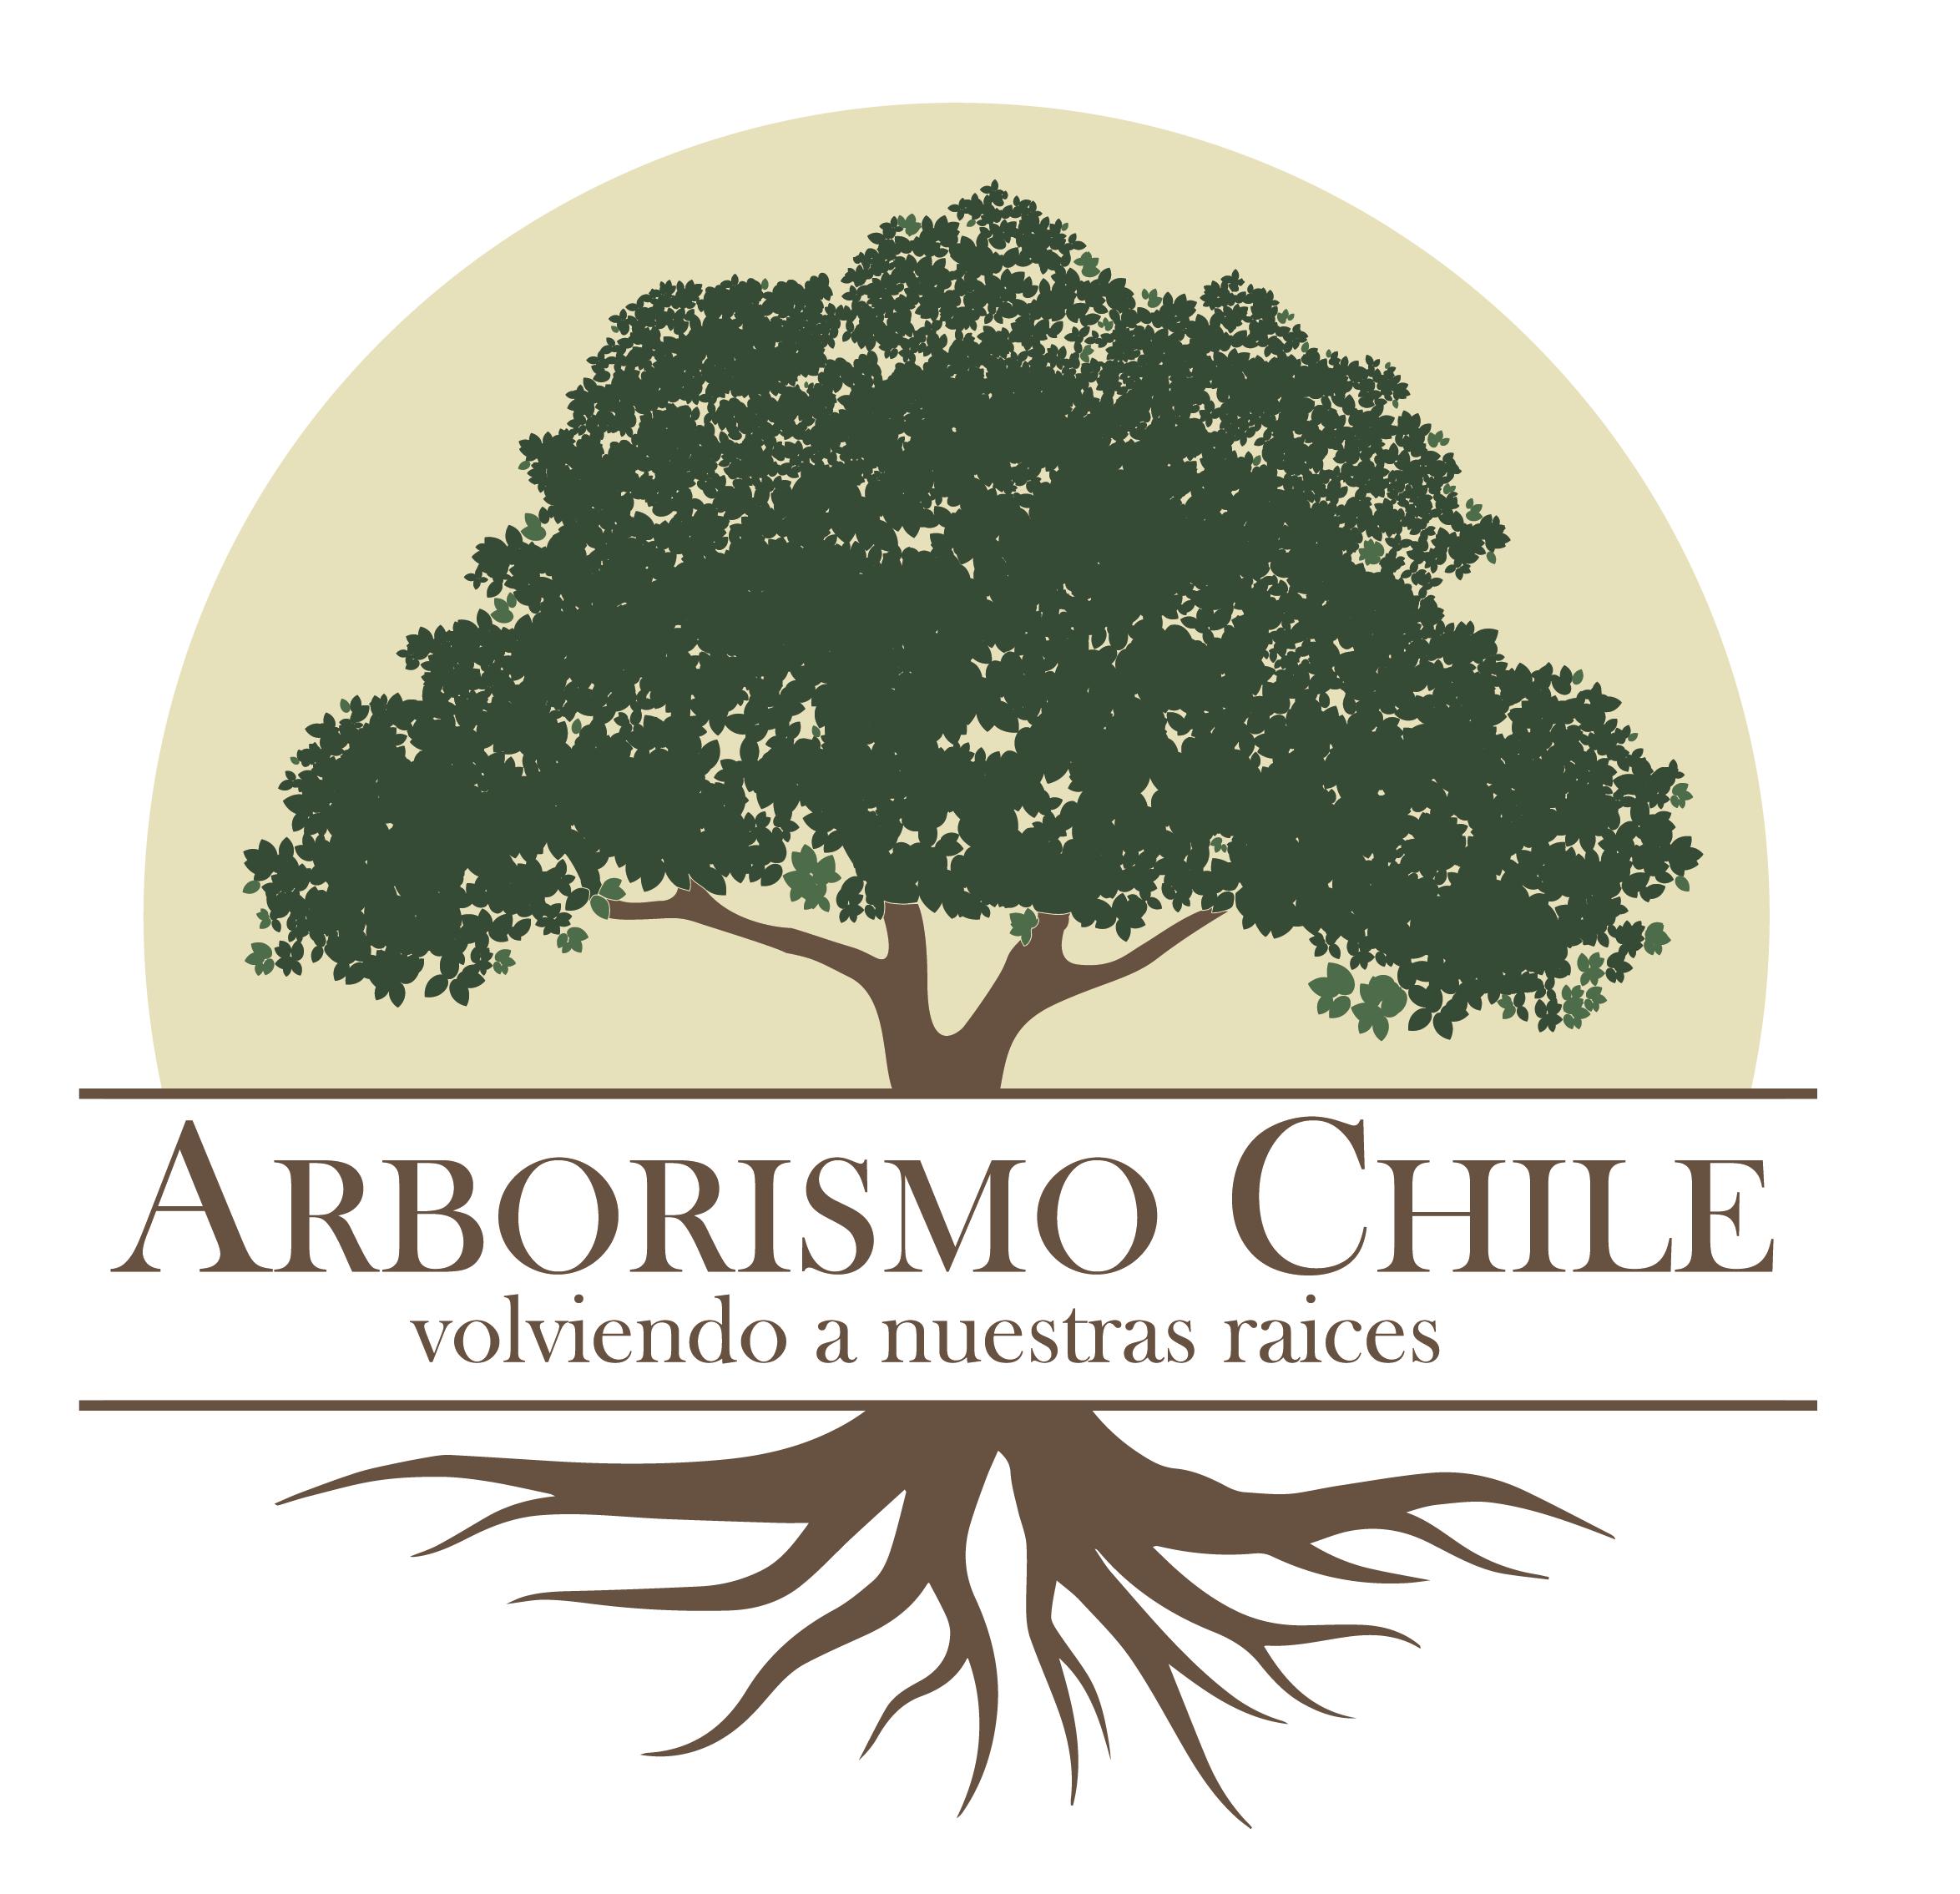 Arborismo Chile